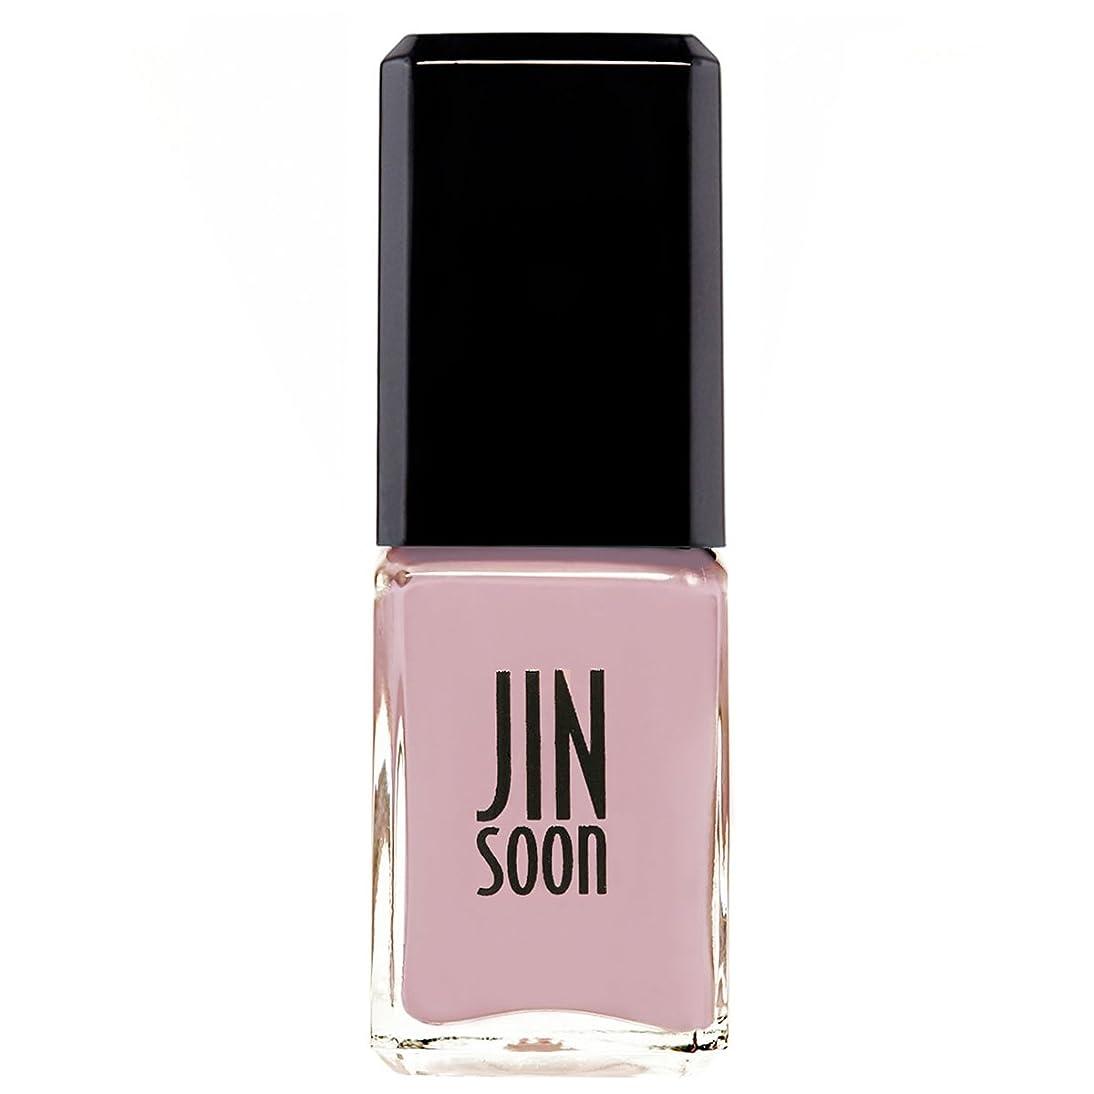 正確なに応じてスタック[ジンスーン] [ jinsoon] モクシ―(ピンク) MOXIE ジンスーン 5フリー ネイルポリッシュ ピンク 11mL